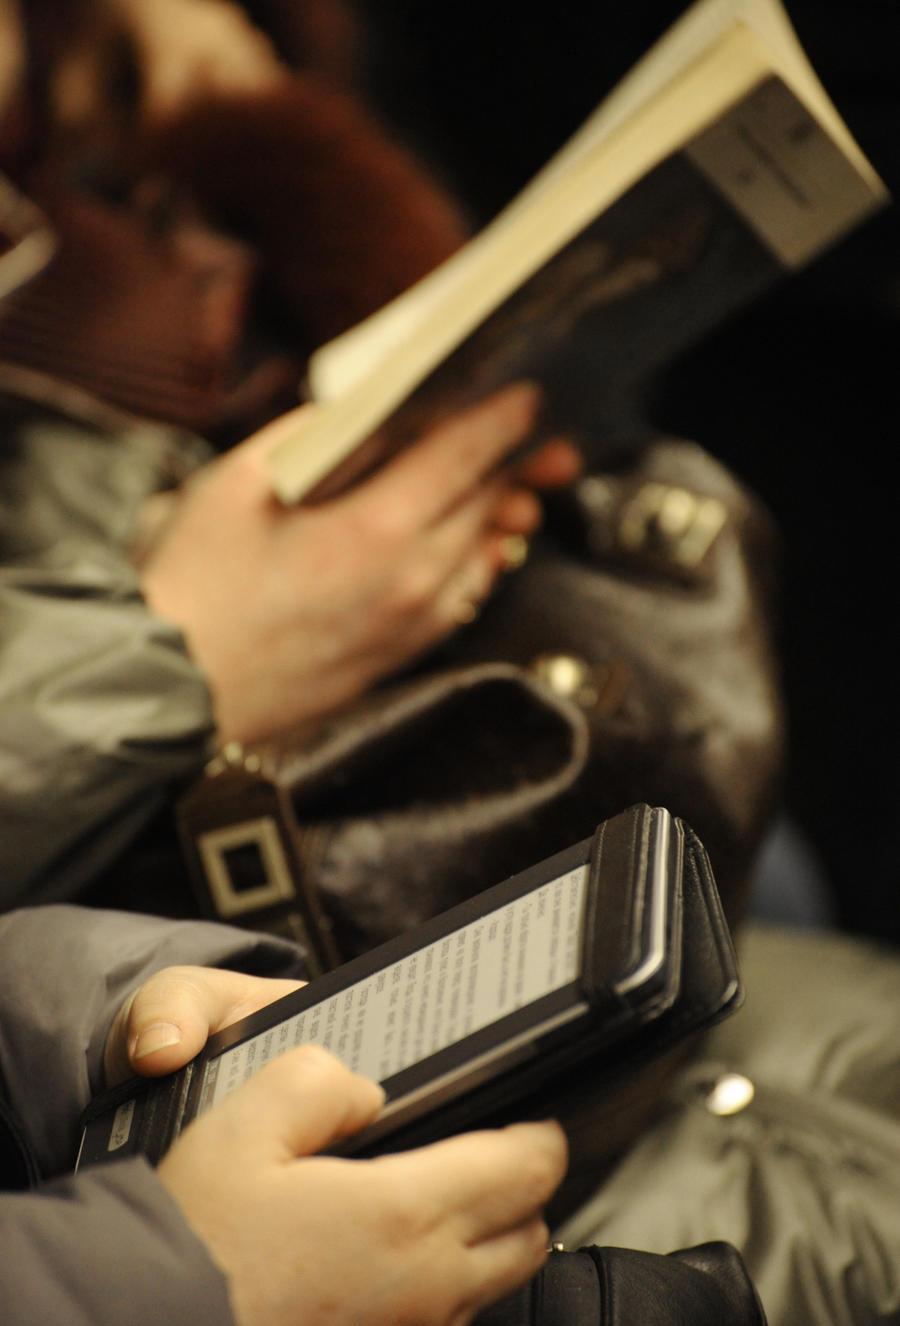 Антипиратский закон впервые применили к электронным книгам